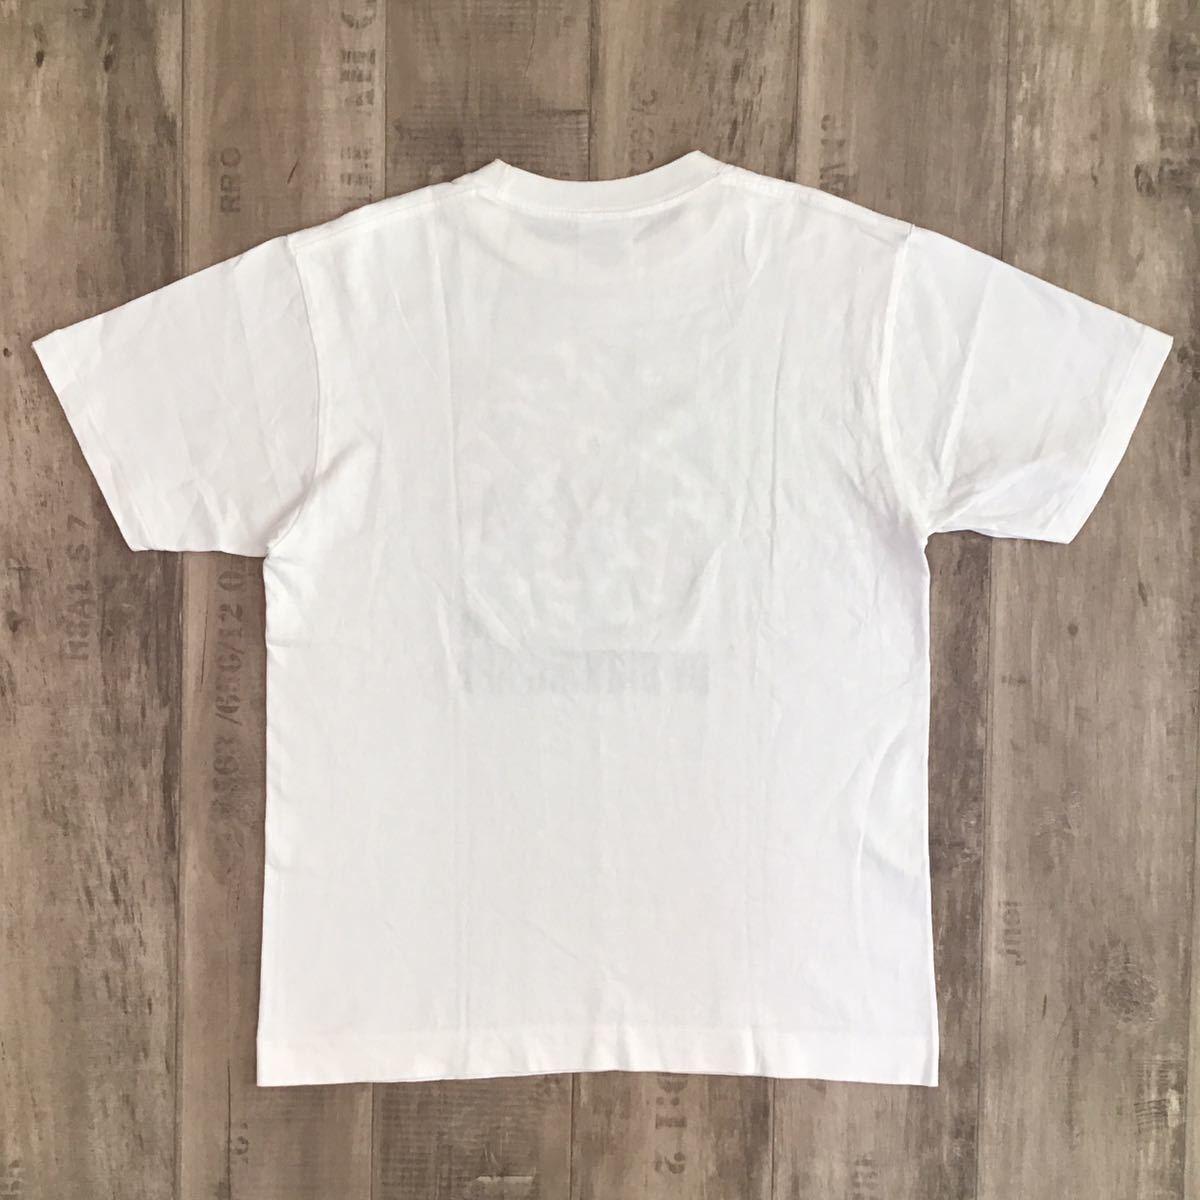 ★横浜限定★ yokohama city camo BAPE head Tシャツ Mサイズ a bathing ape エイプ ベイプ アベイシングエイプ store limited color 3262